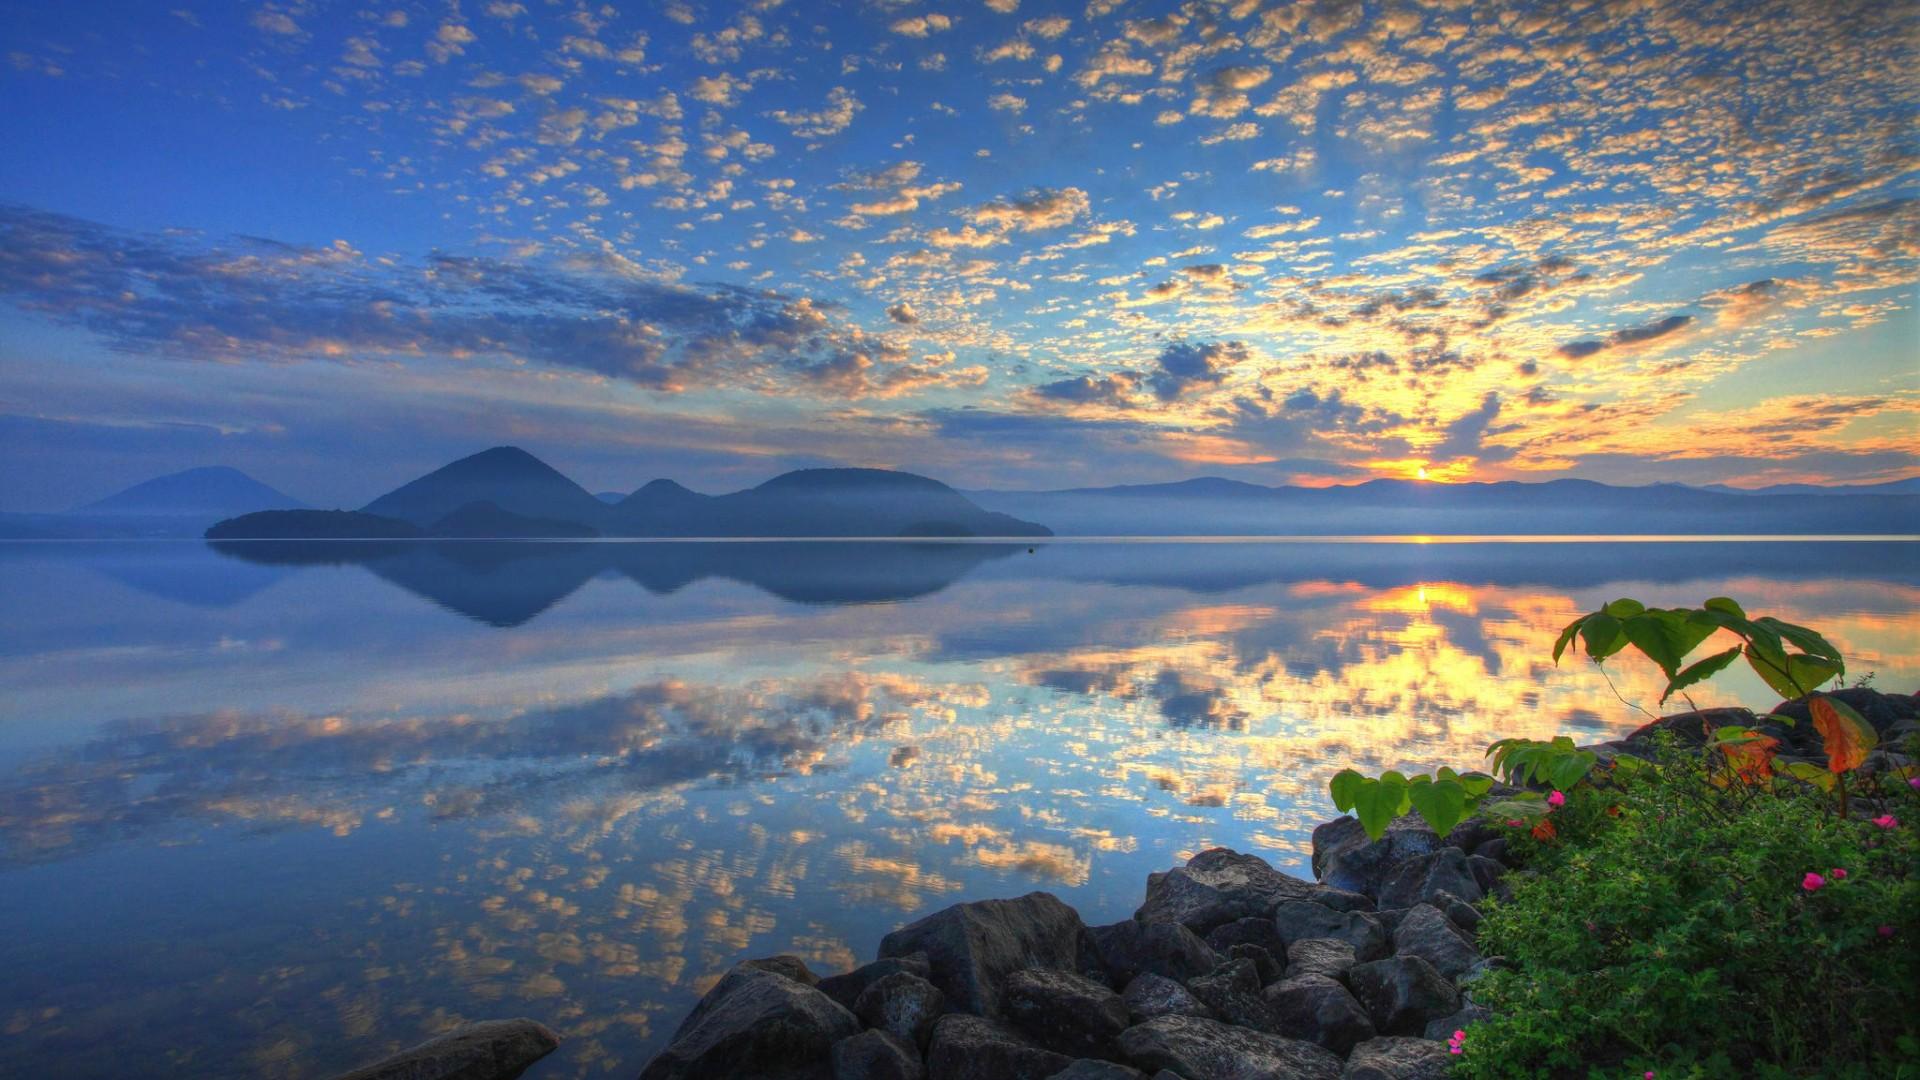 670767 - СветВМир.ру - Интересный познавательный журнал. Развитие познания - Прекрасный пейзаж!   Лучшие фотографии в мире